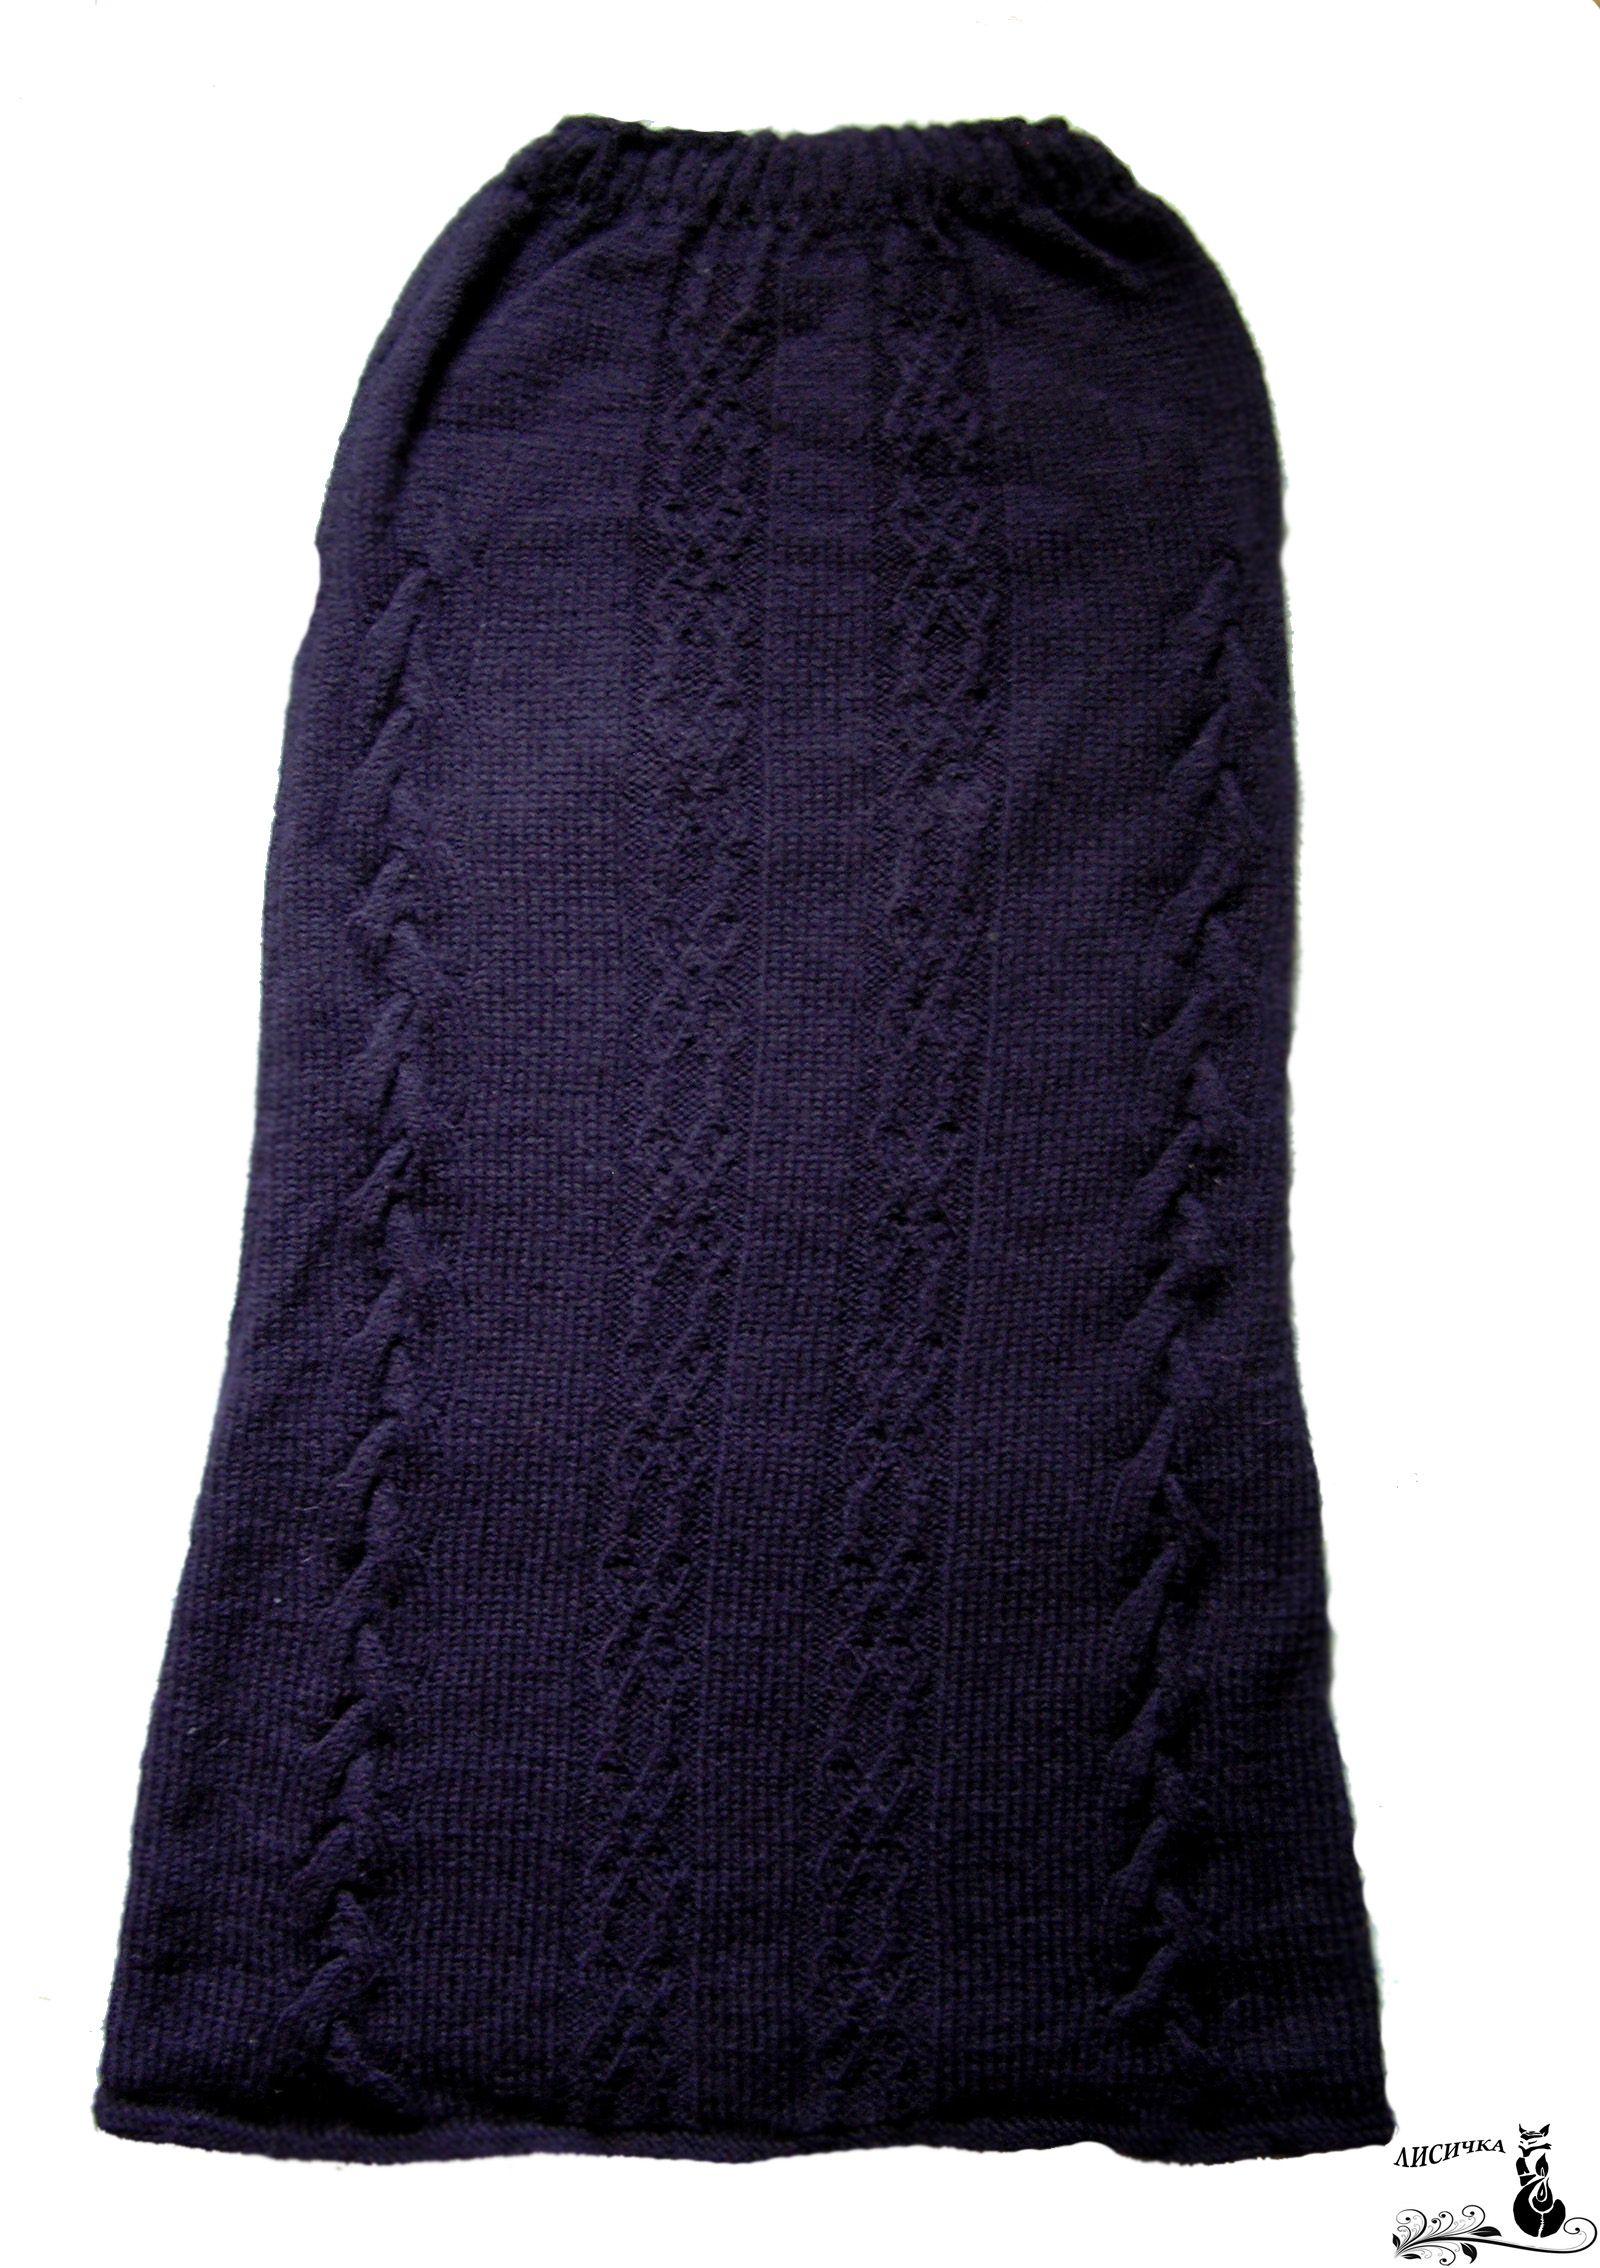 вязанаяюбка вязанаяодежда юбкаскосами одежда юбка женскаяодежда